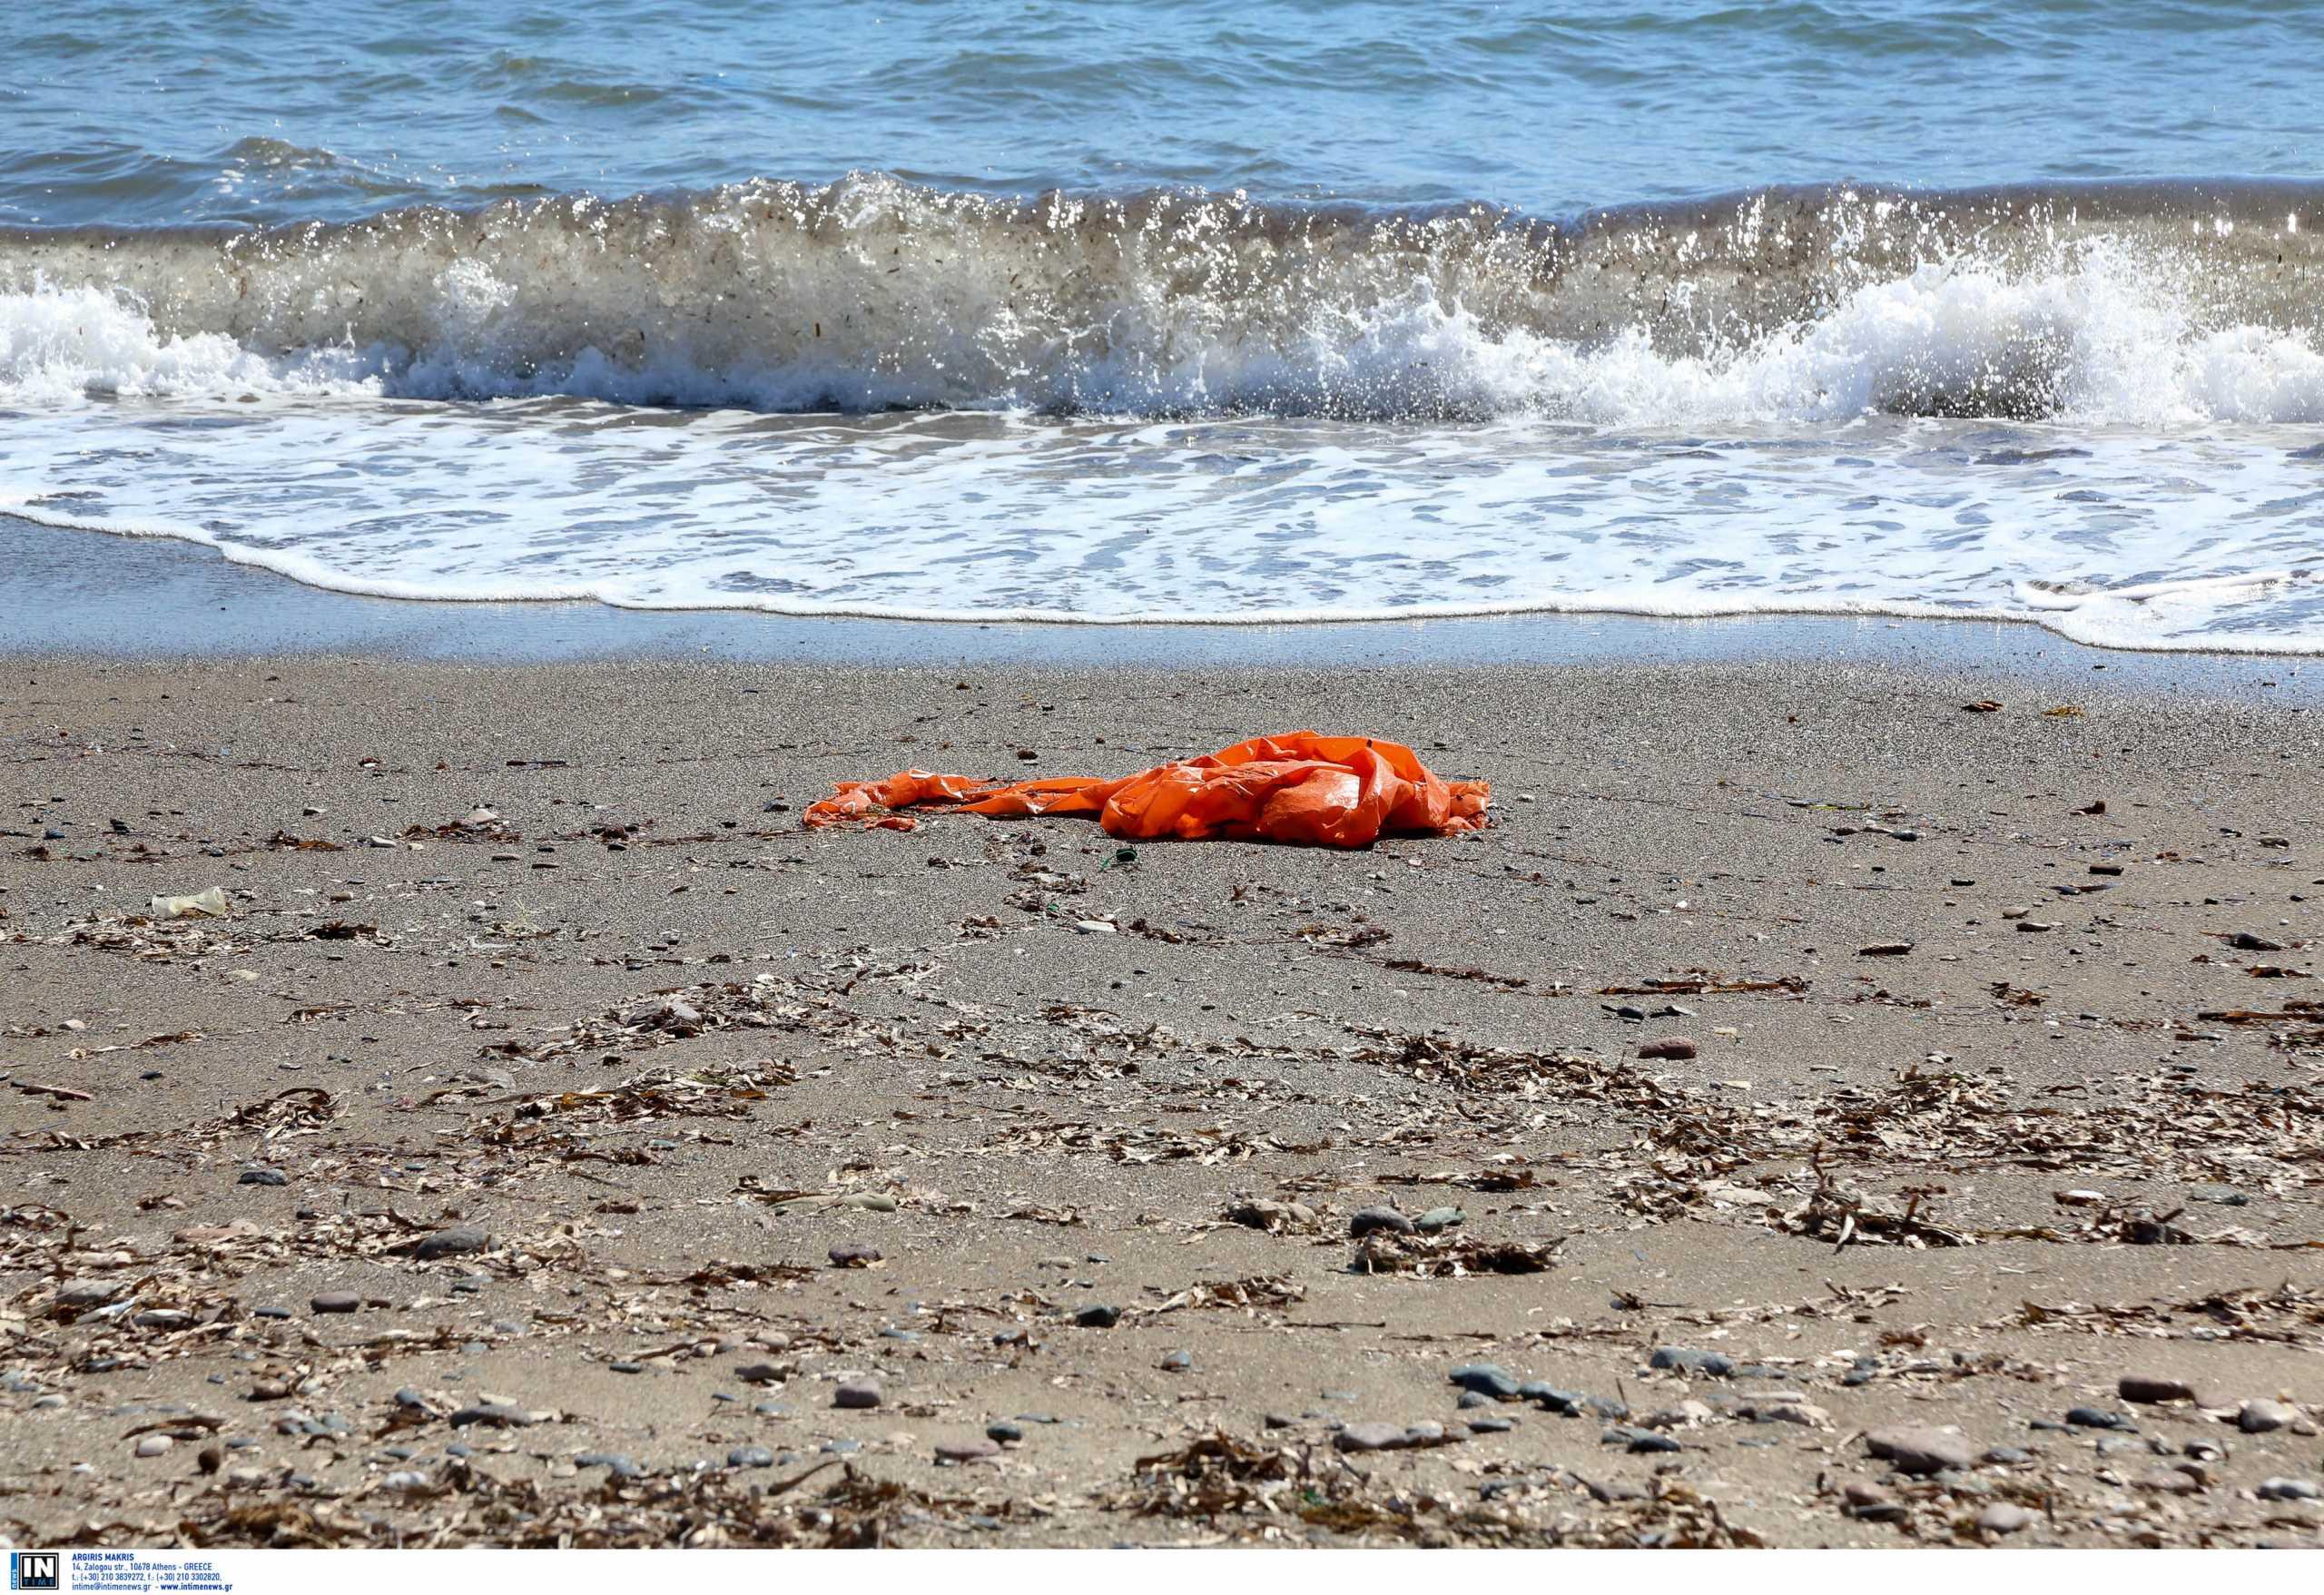 Βόλος: Ταυτοποιήθηκε η σορός της γυναίκας που βρέθηκε να επιπλέει στη θάλασσα – Λύνεται το μυστήριο